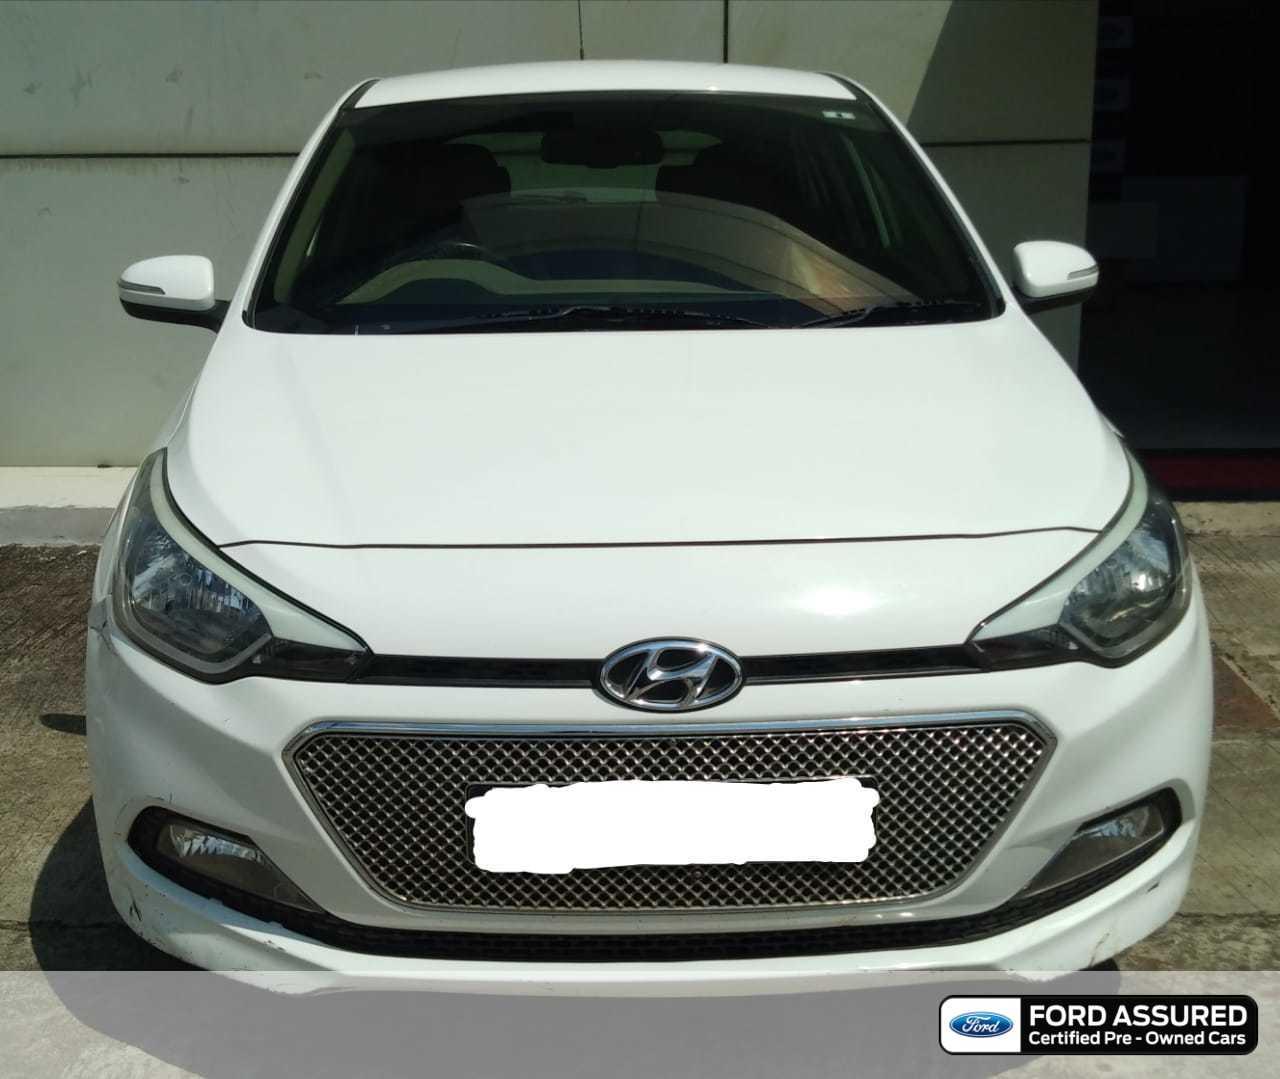 Hyundai Elite i20 2014-2015 Era 1.4 CRDi